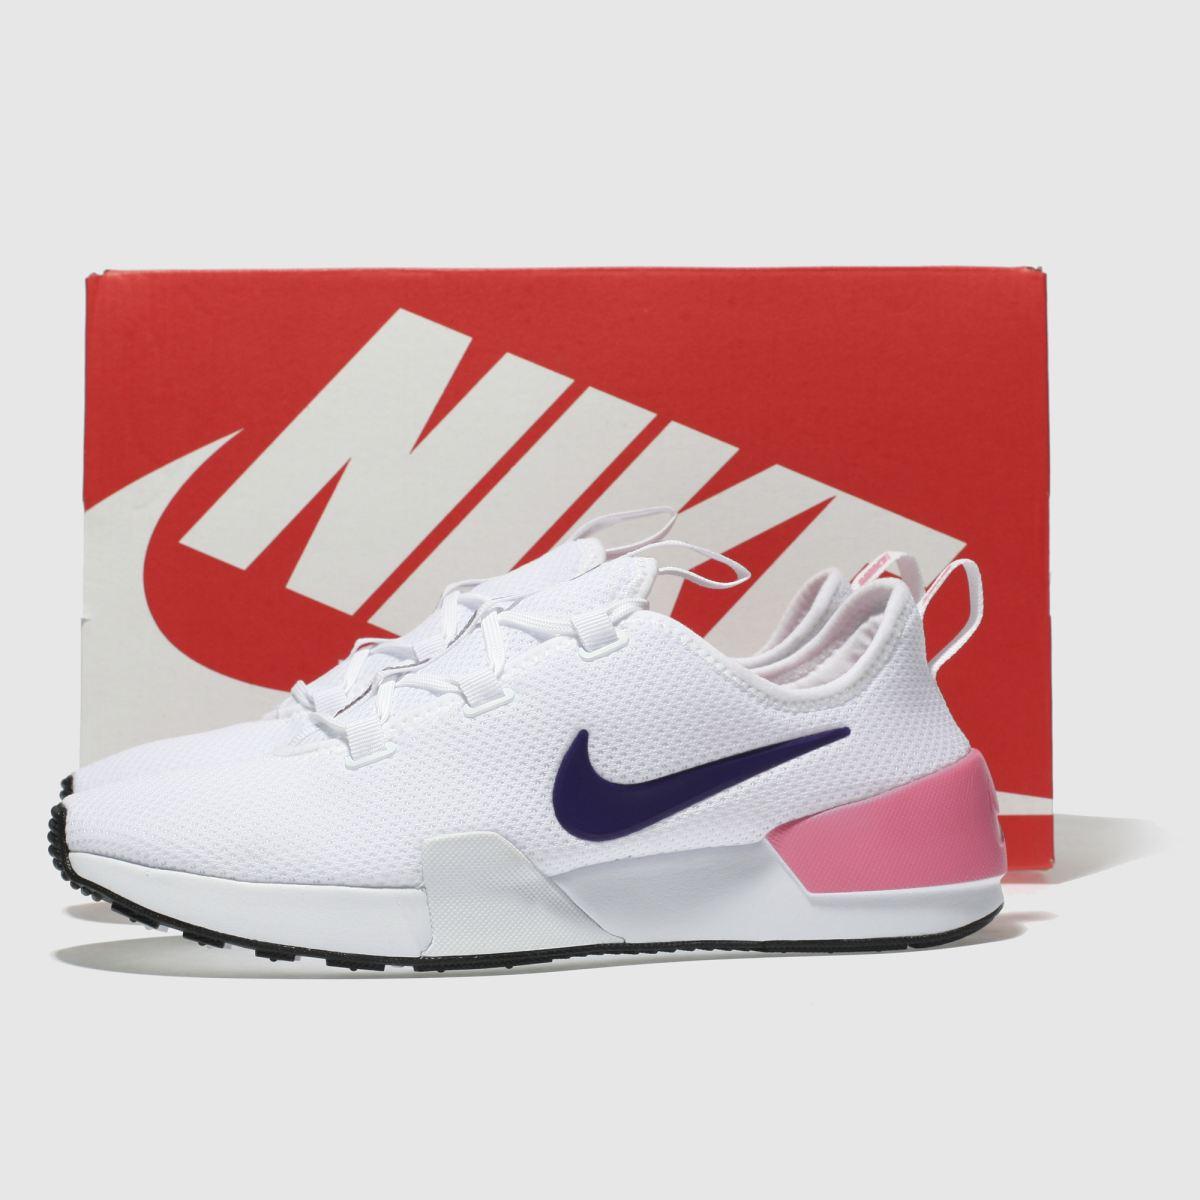 Damen Sneaker Weiß-lila nike Ashin Modern Sneaker Damen | schuh Gute Qualität beliebte Schuhe 183f53